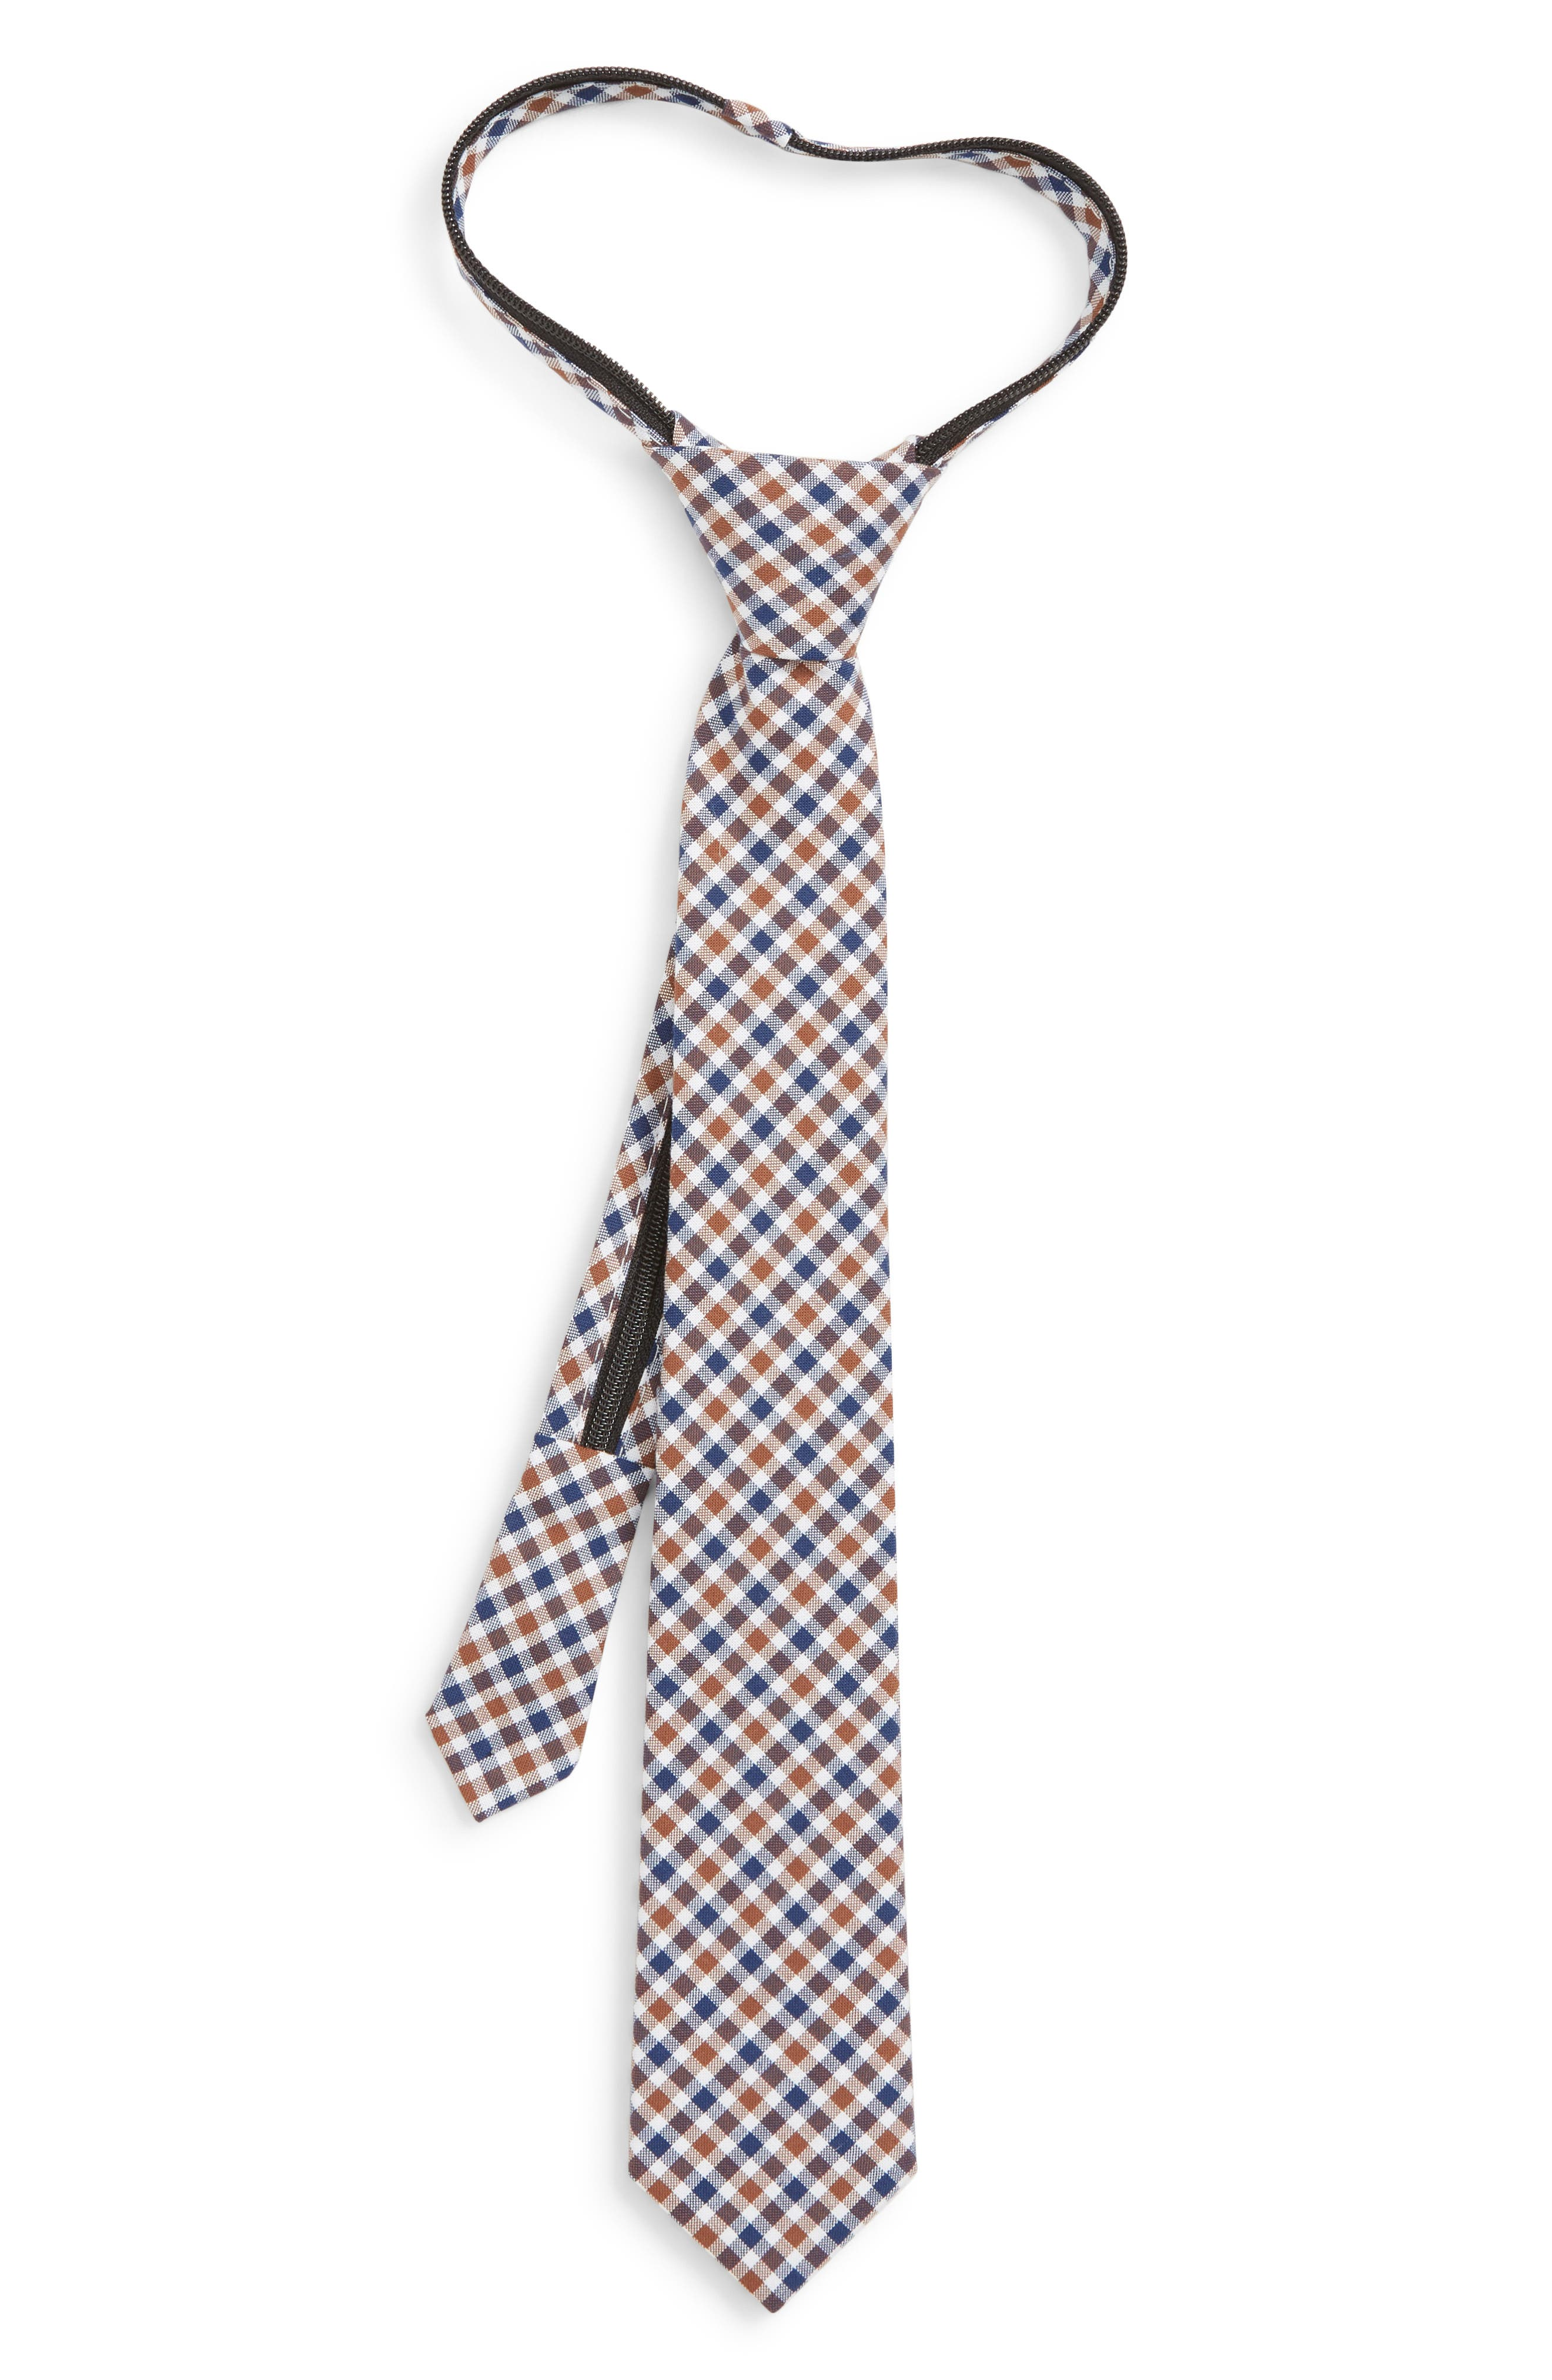 Plaid Cotton Zip Tie,                             Main thumbnail 1, color,                             TAUPE